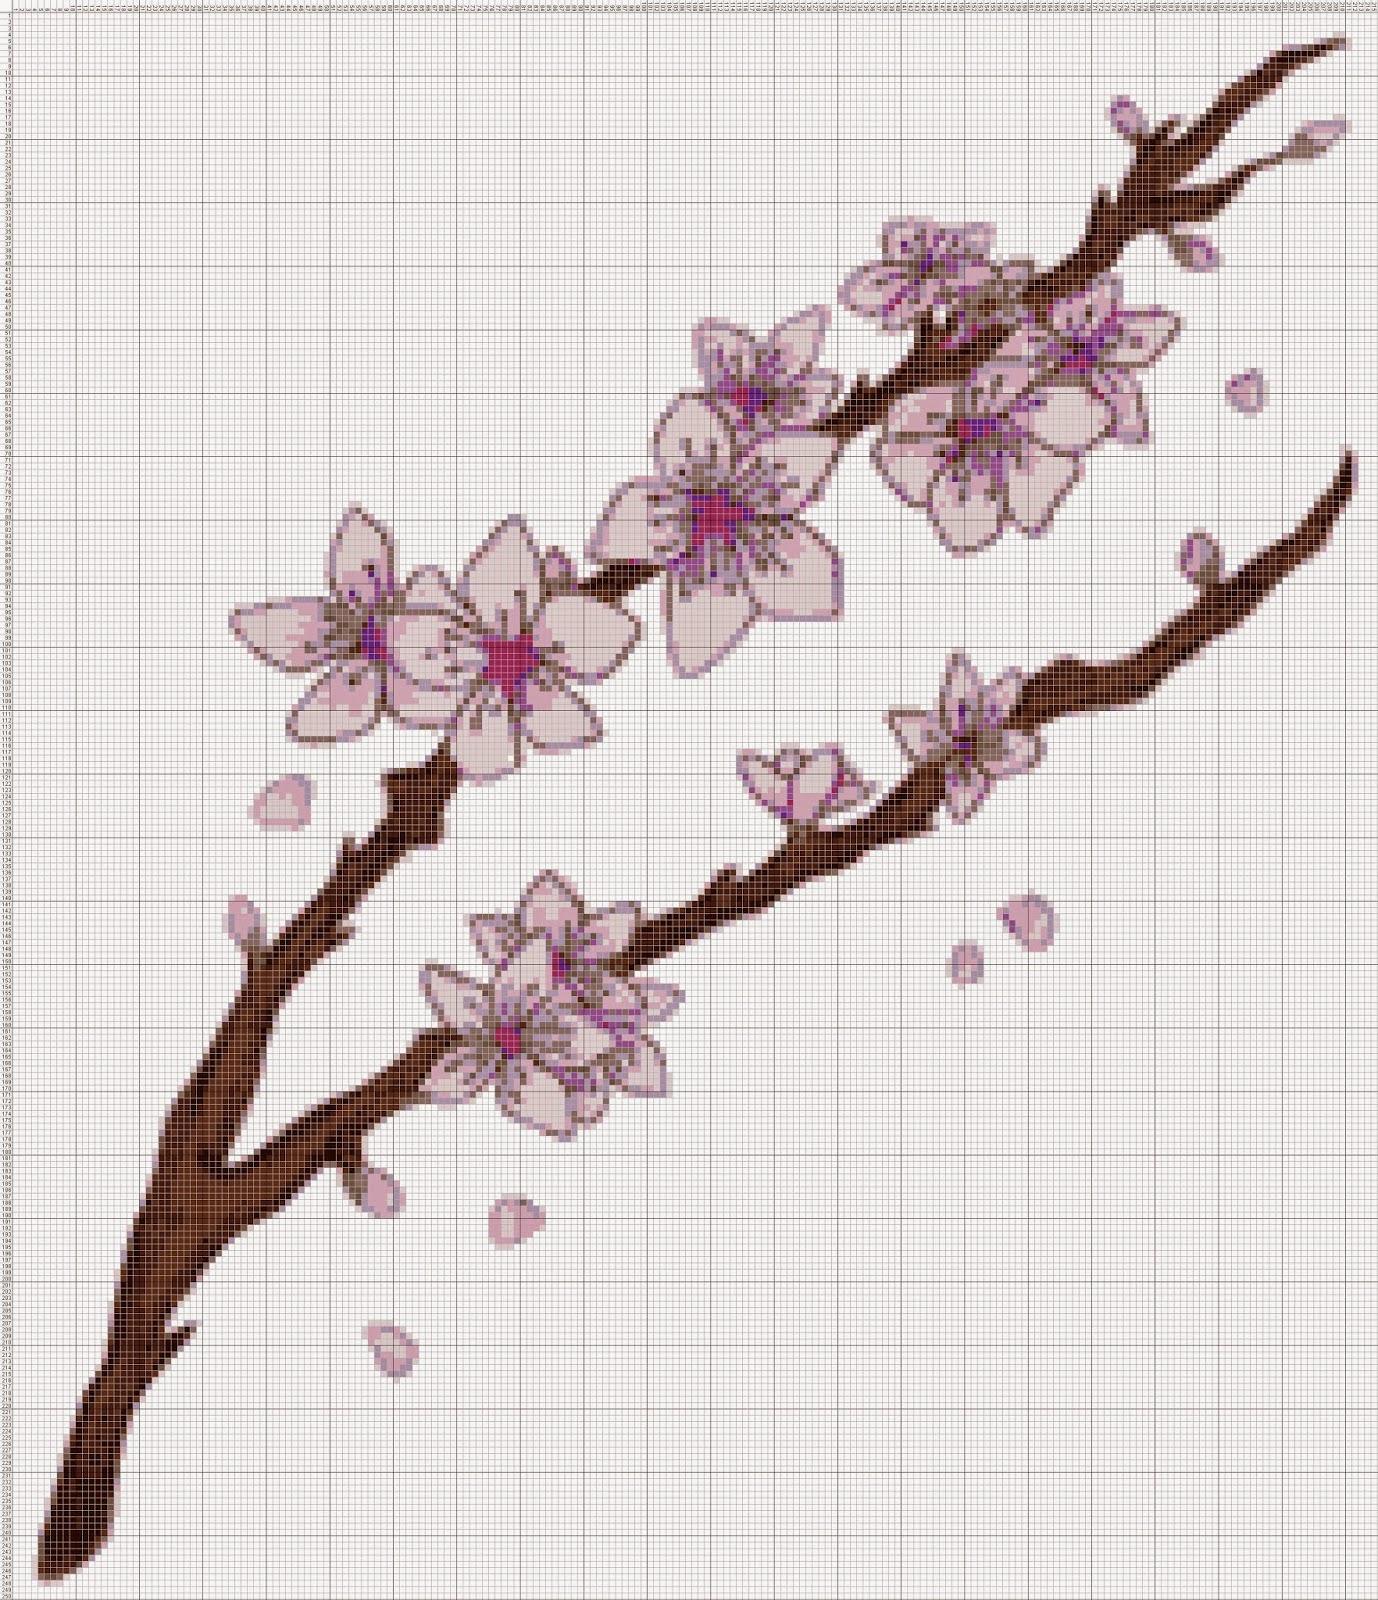 Gambar Pola Kristik Bunga Sakura Ungu - Jepang